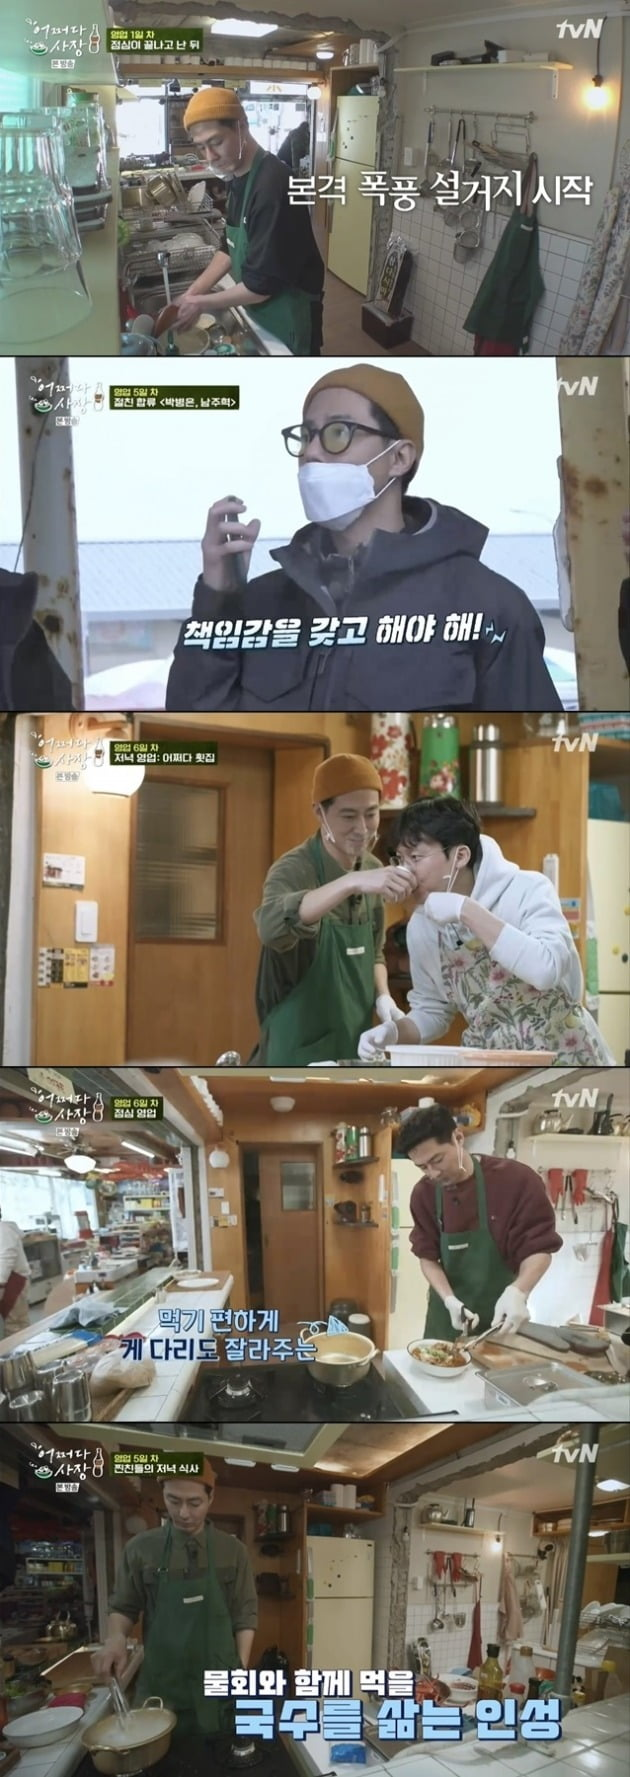 '어쩌다 사장' 조인성이 시청자들에게 힐링을 선사하고 있다. / 사진=tvN 방송 캡처